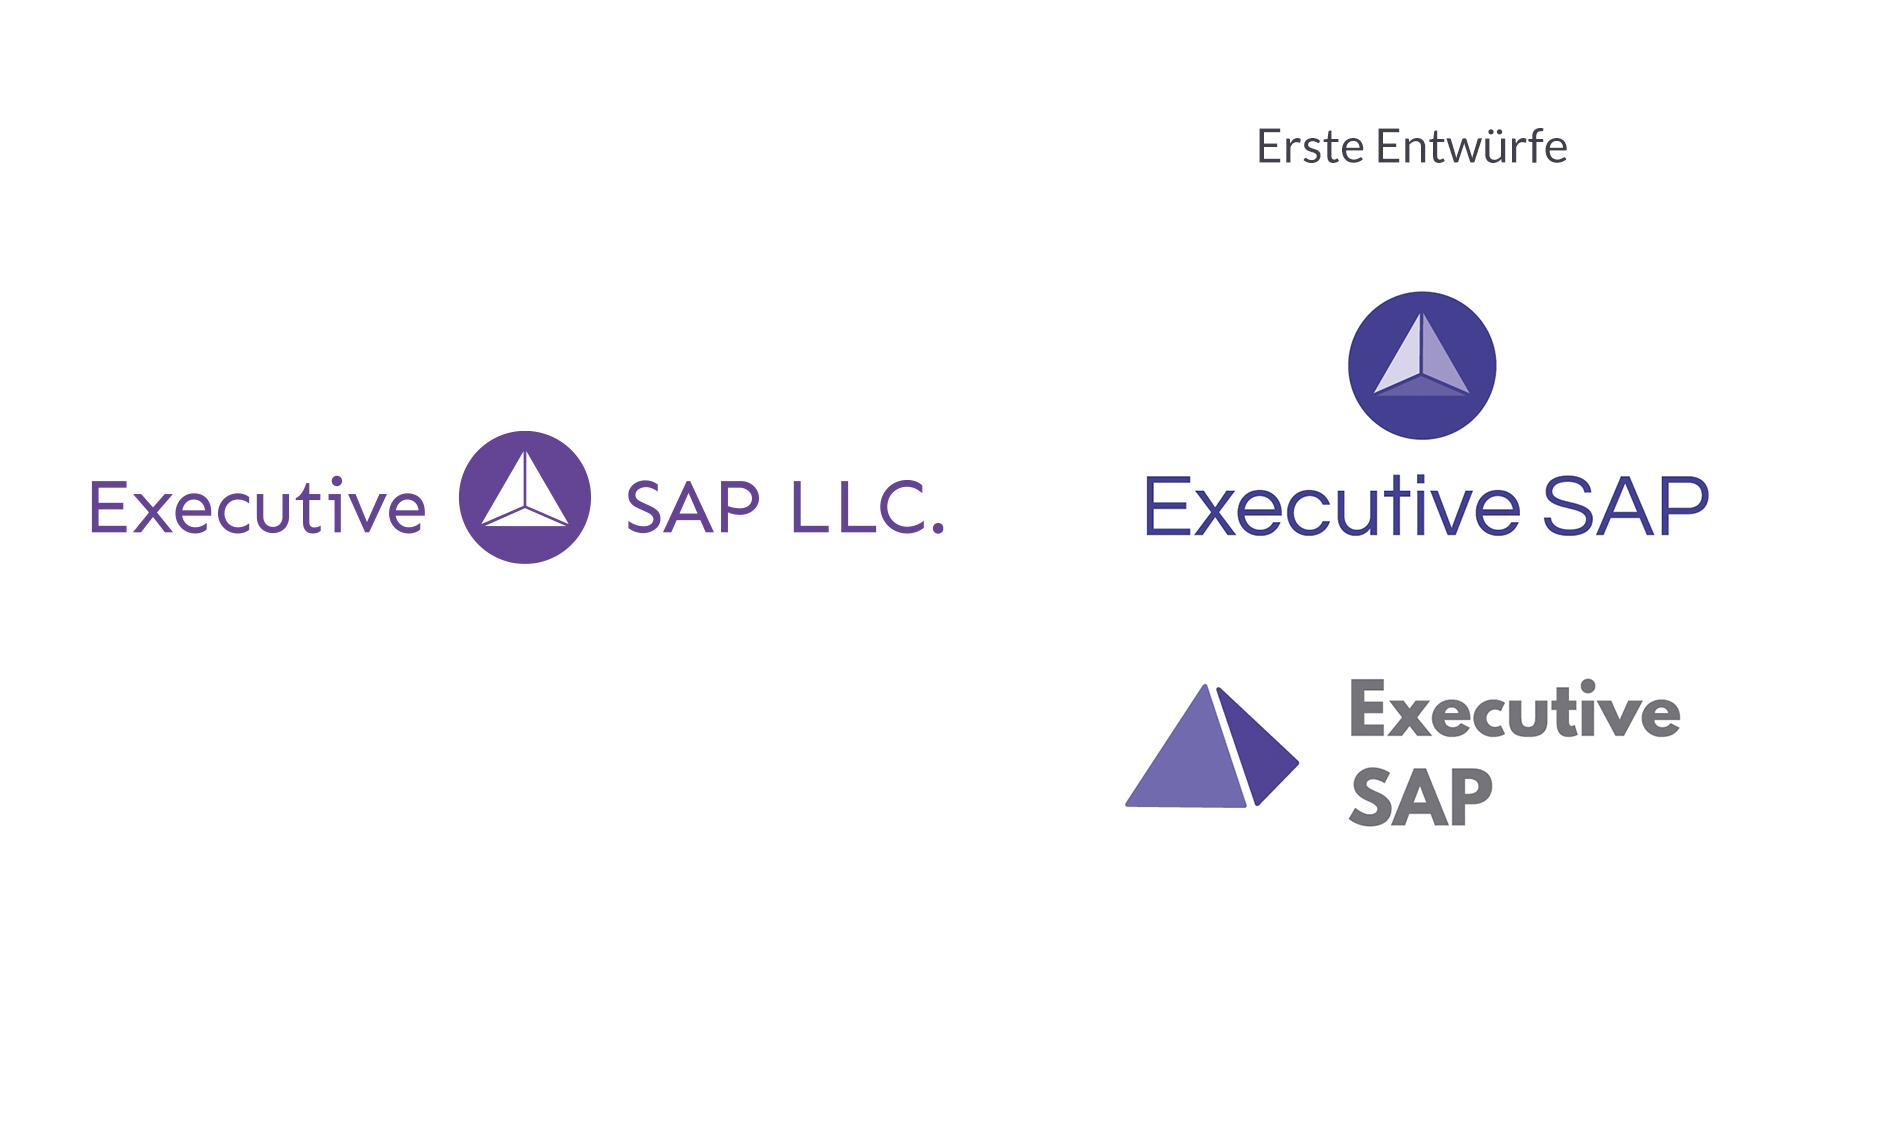 Kuki Design Executive SAP Logogestaltung Vergleich mit ersten Entwürfen